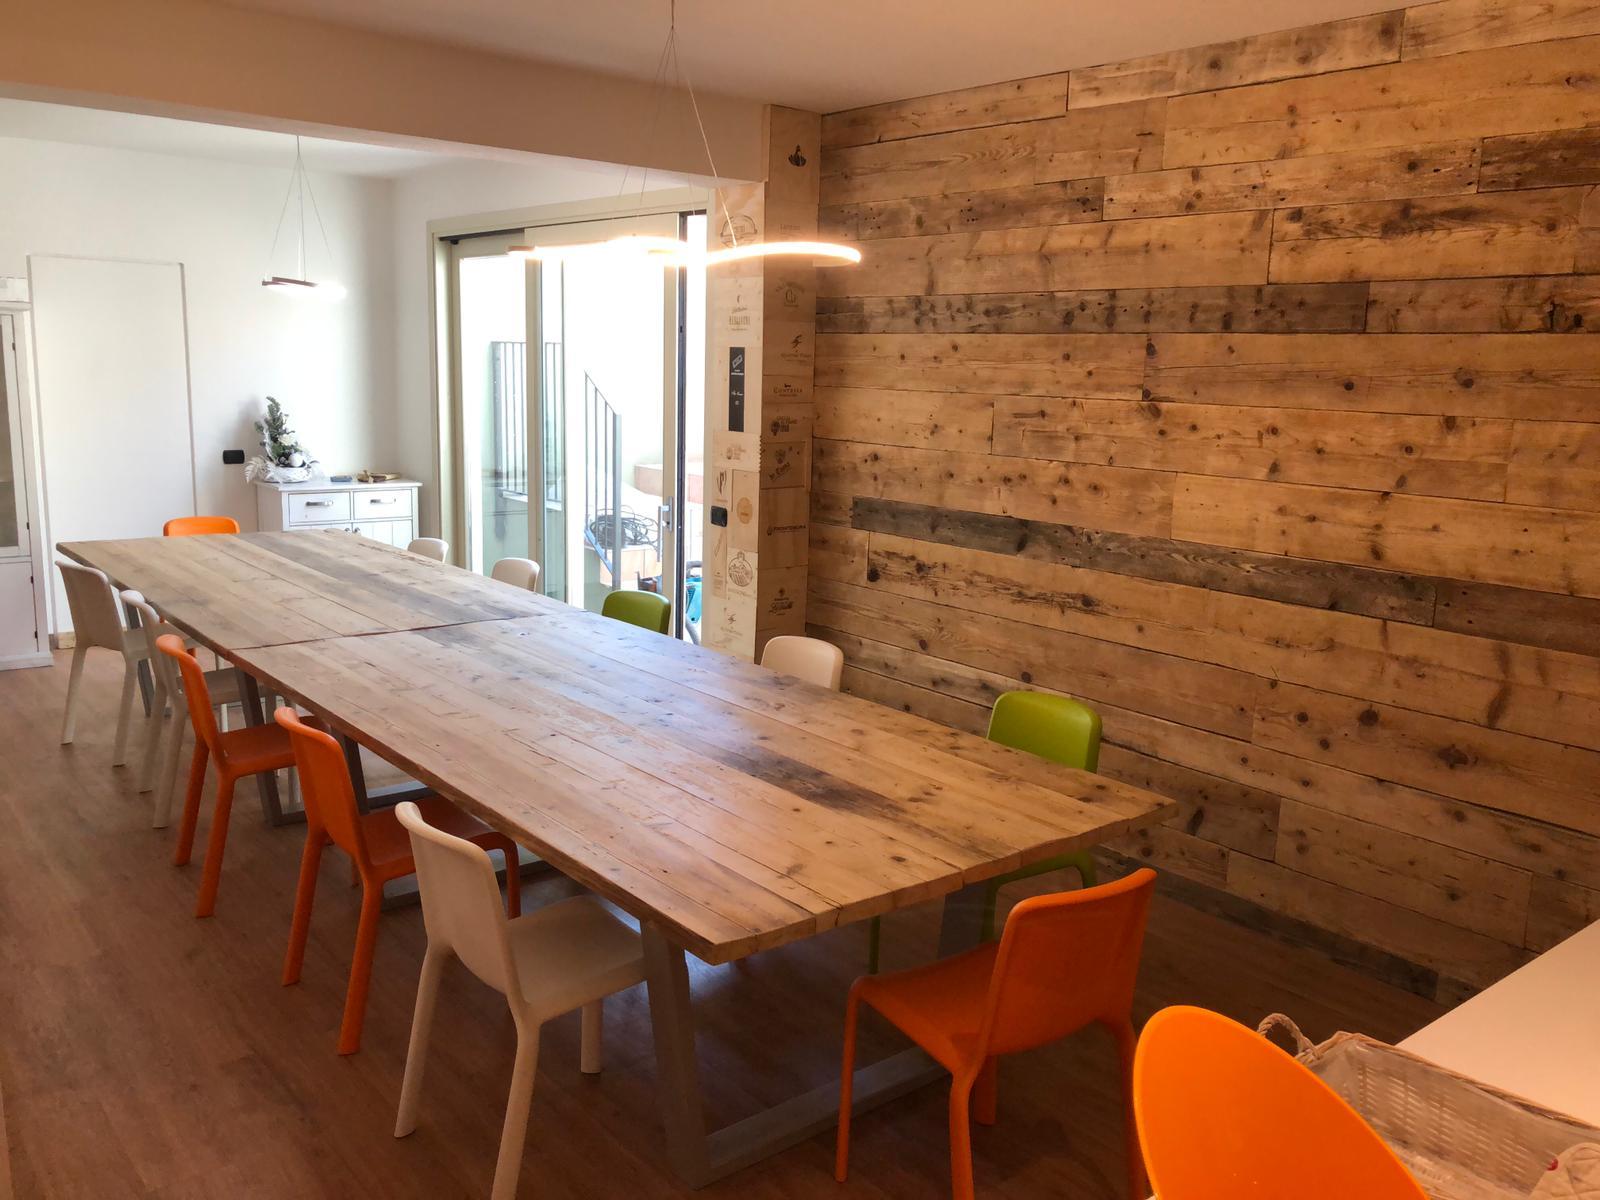 Casa Tua Arredamenti Rovato eco design e arredamento sostenibile | eco wood